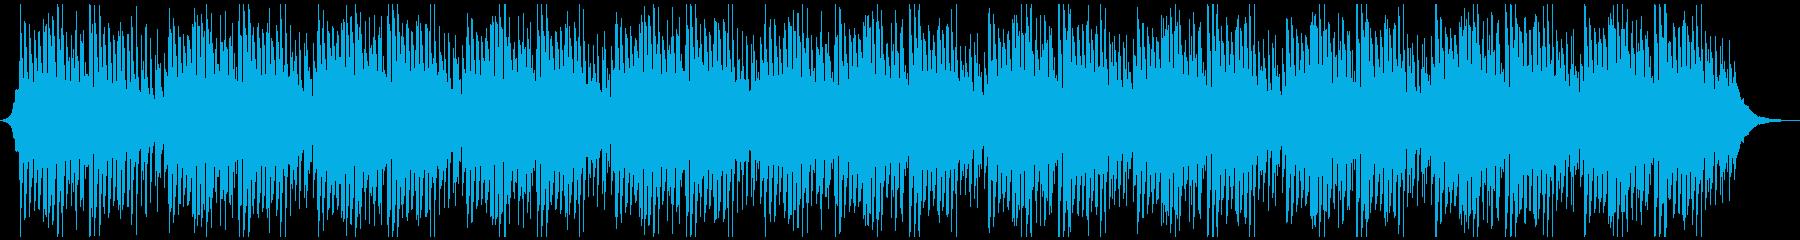 洋楽テイストの感動壮大おしゃれかっこいいの再生済みの波形